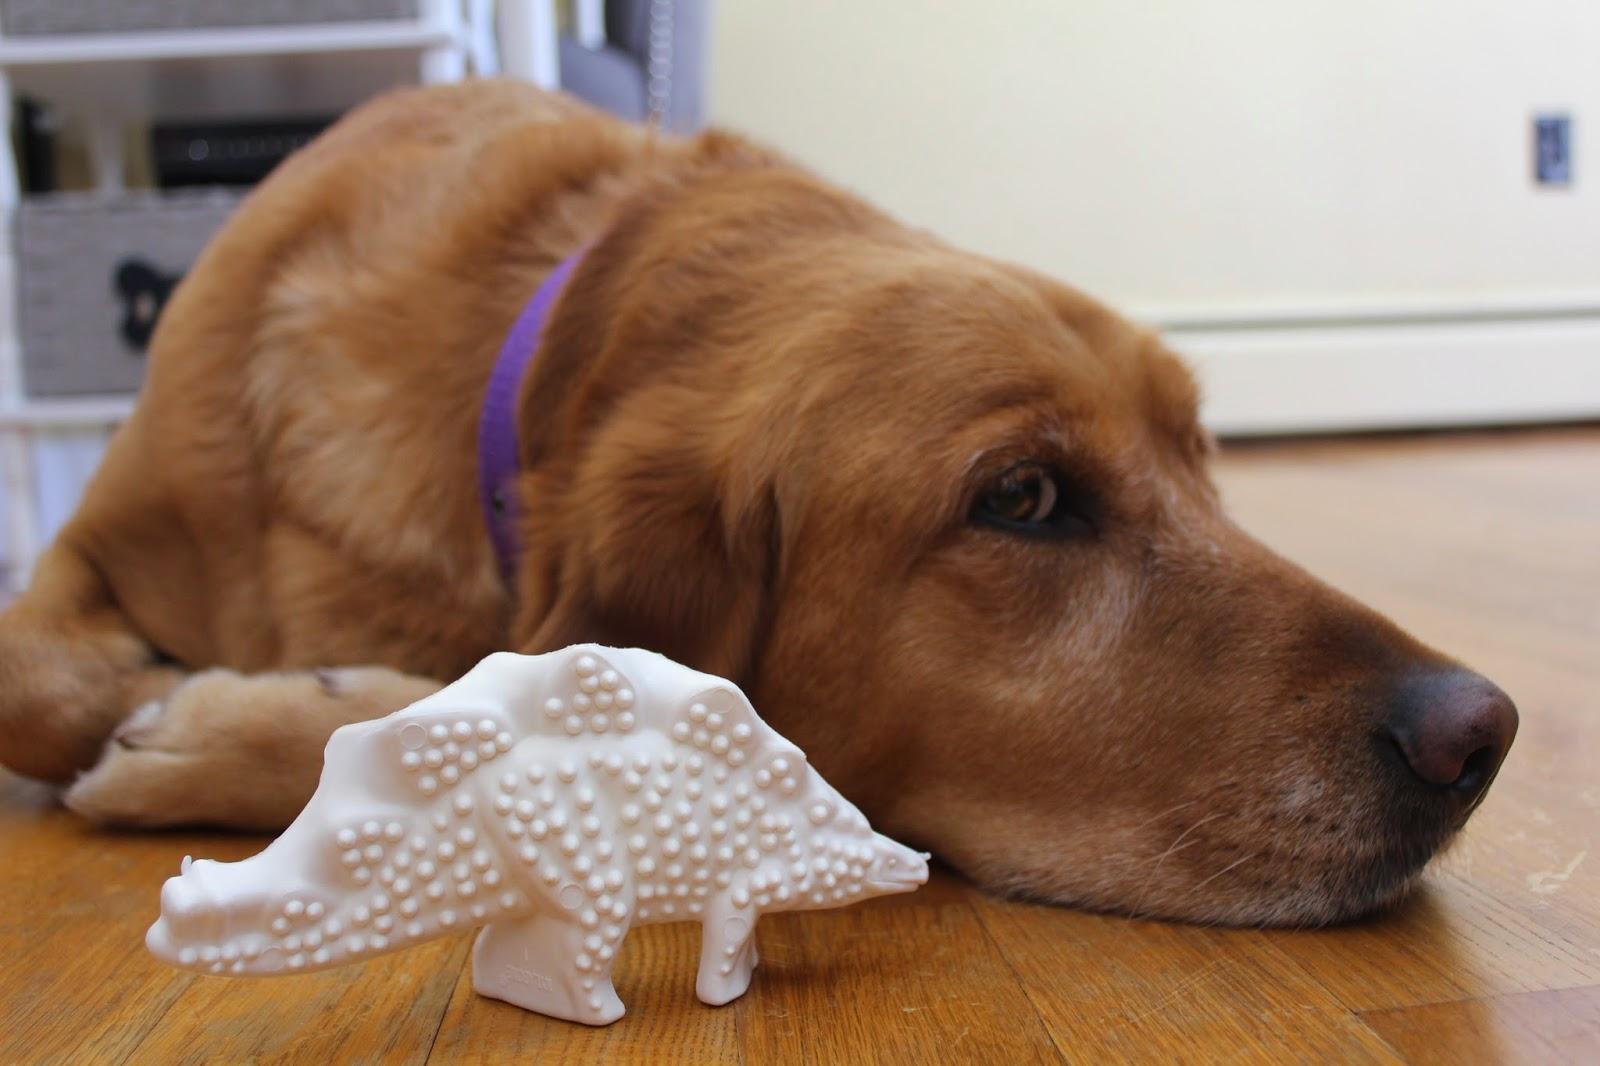 dog and nylabone dinosaur dental chew toy